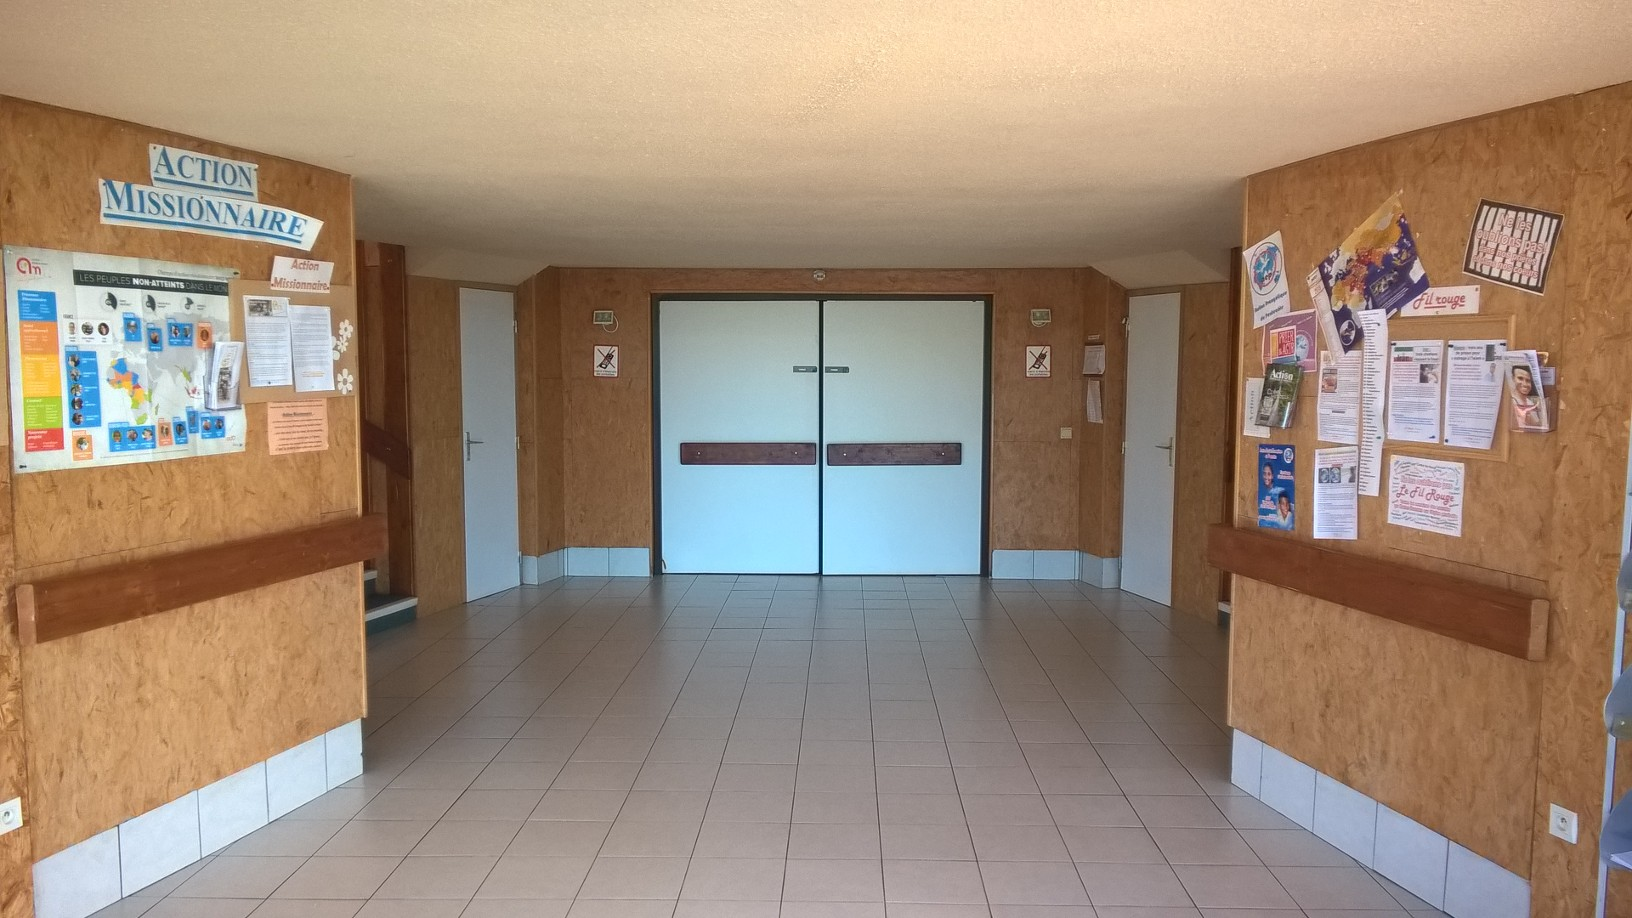 Le Hall d'Accueil